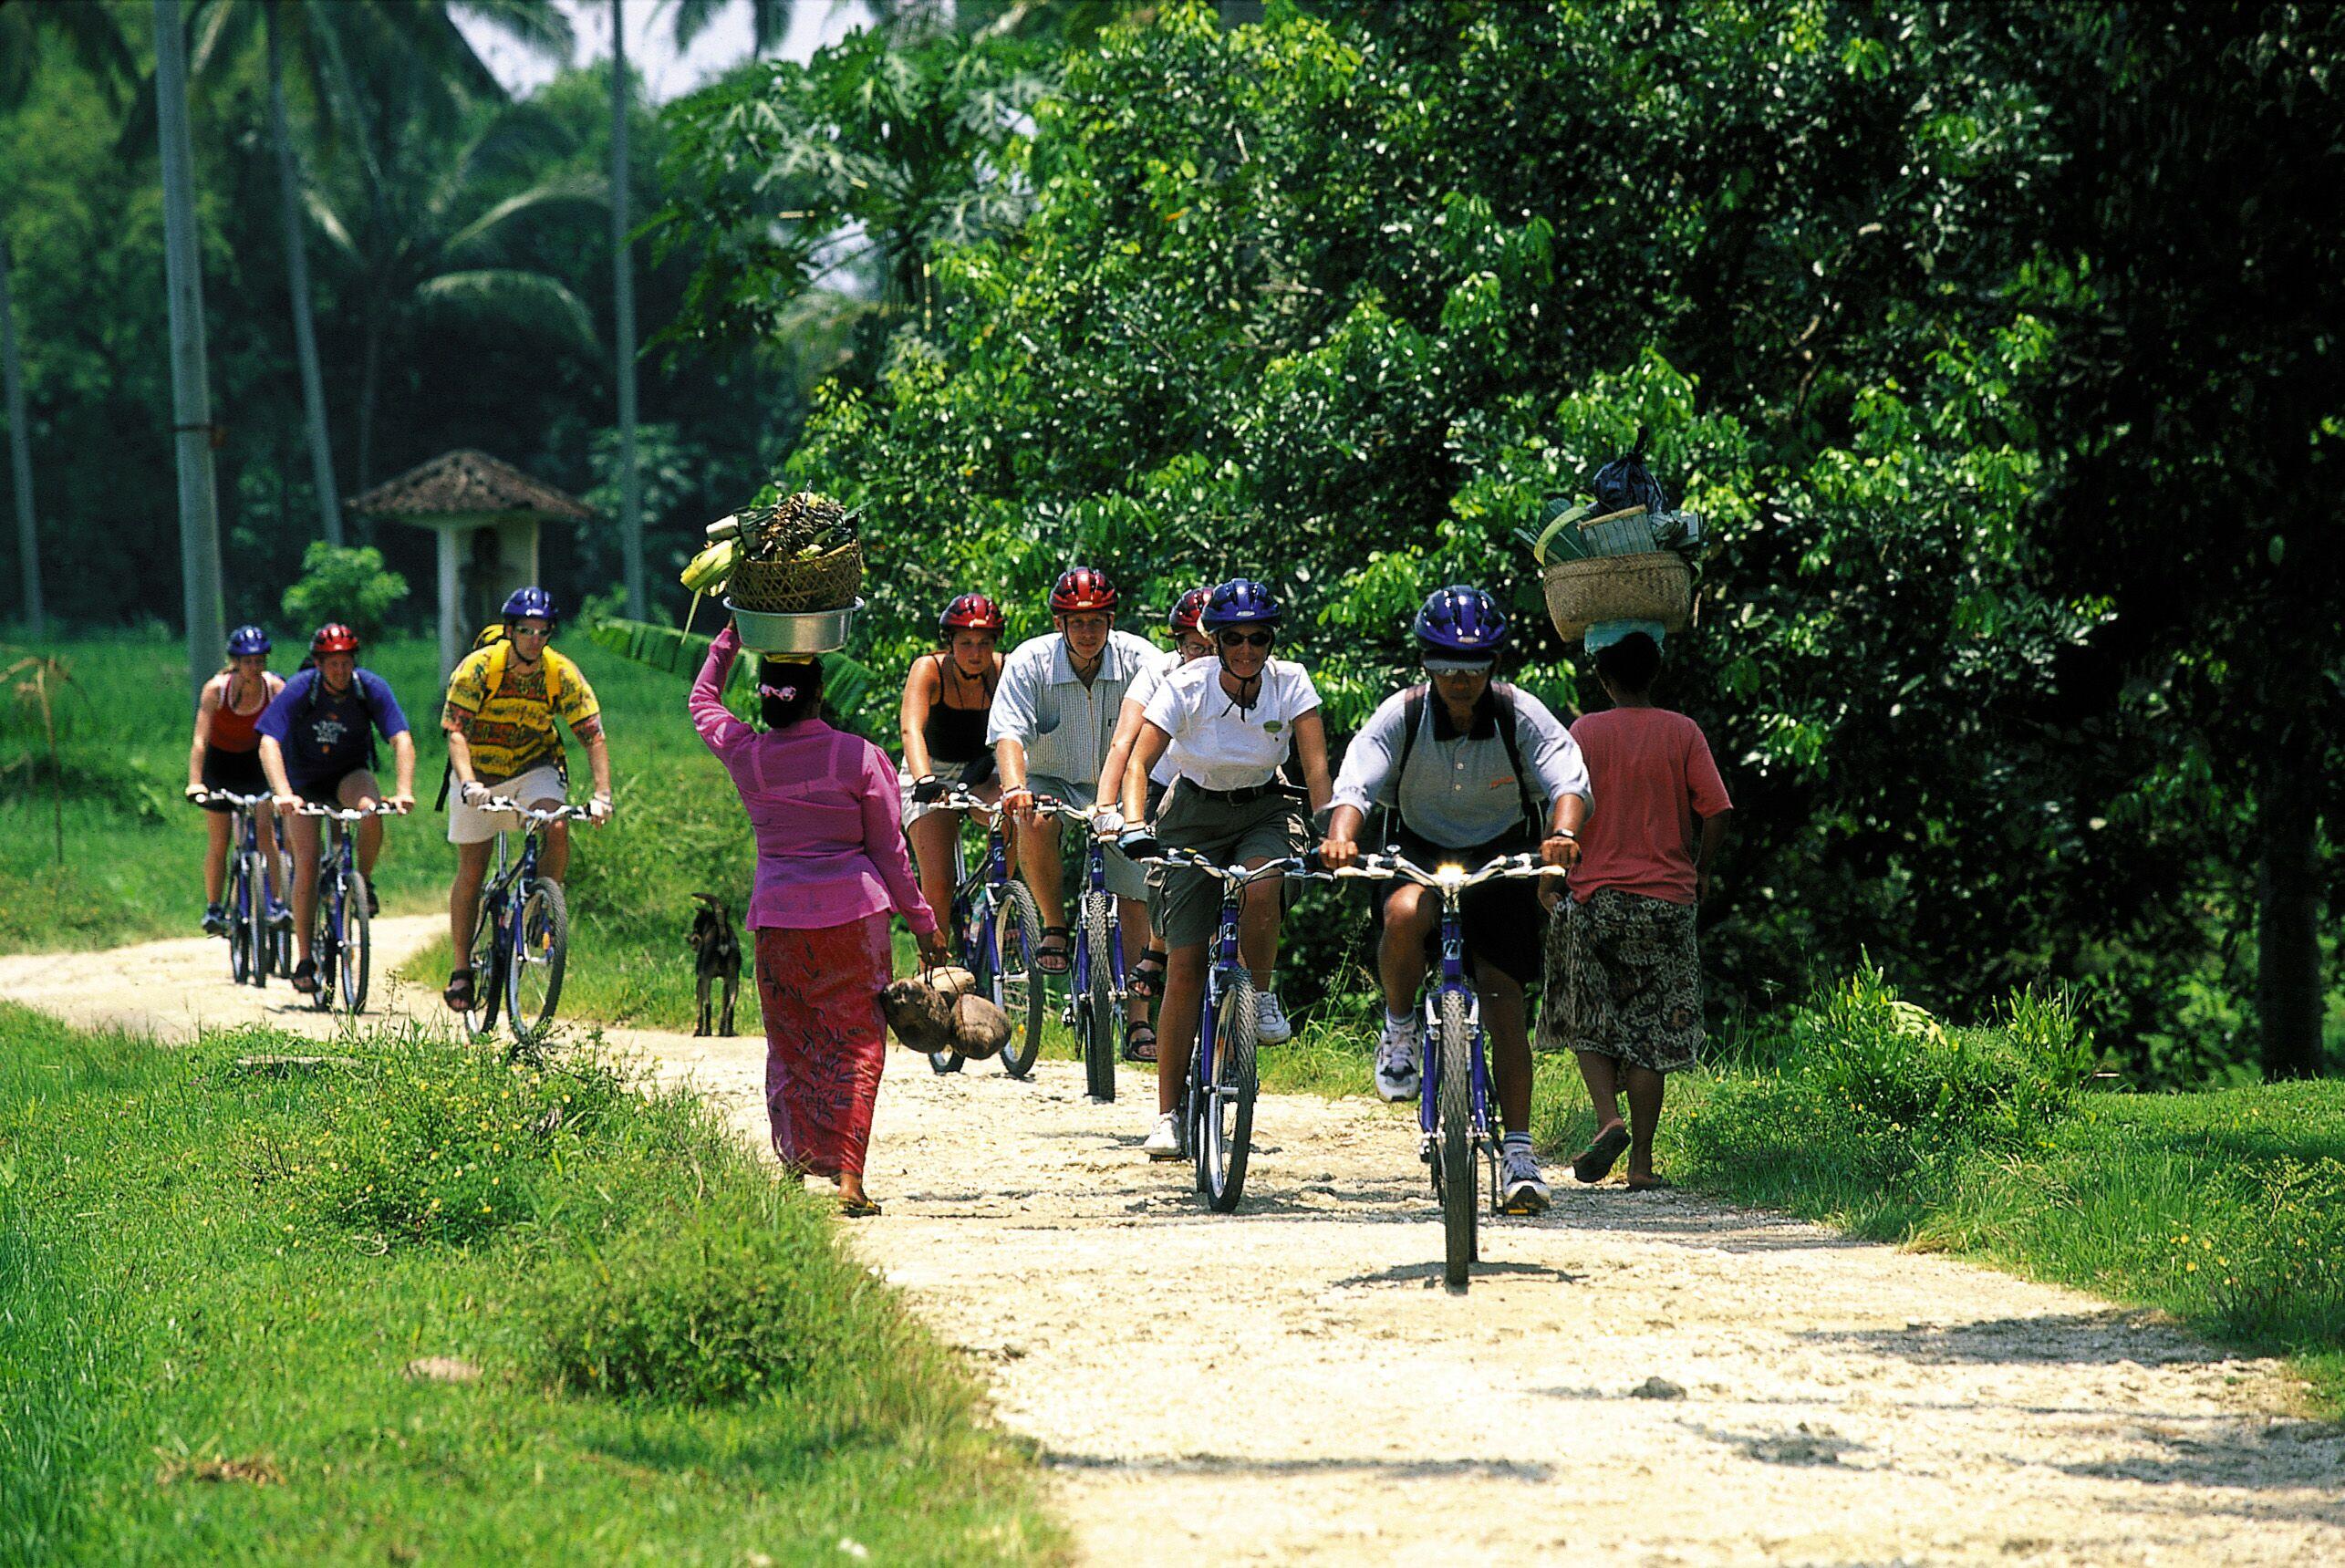 Økonomien drillede store Profil Rejser sidste år, blandt andet blev populære destinationer som Bali, billedet, og Caribien hårdt ramt i vinteren 2017/18 af vulkanudbrud og orkaner. Profil Rejser forventer i år øget omsætning og en positiv driftsindtjening. Arkivpressefoto.